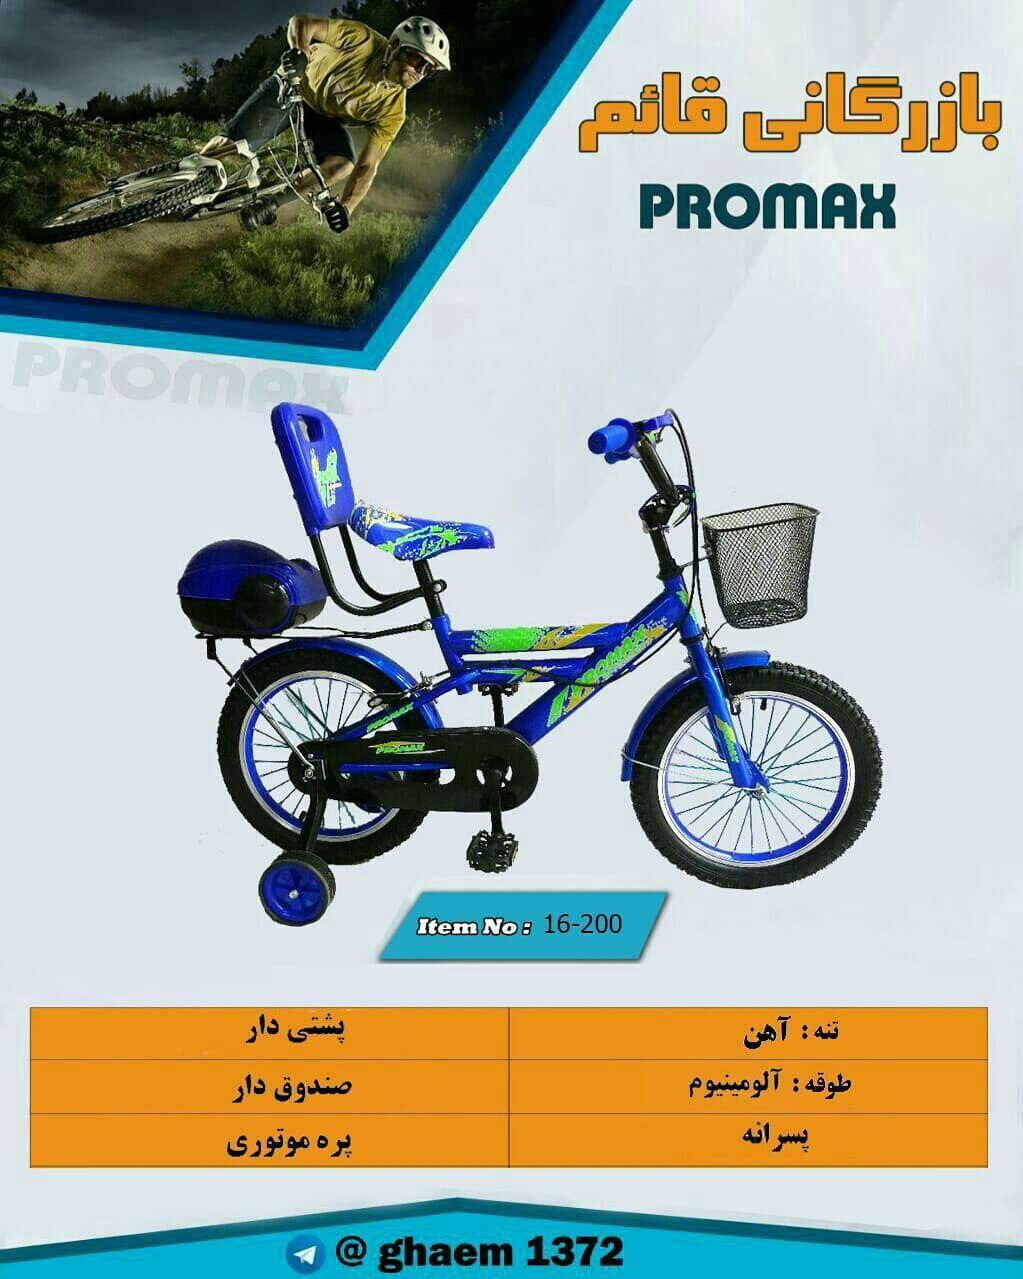 دوچرخه 12 Promax